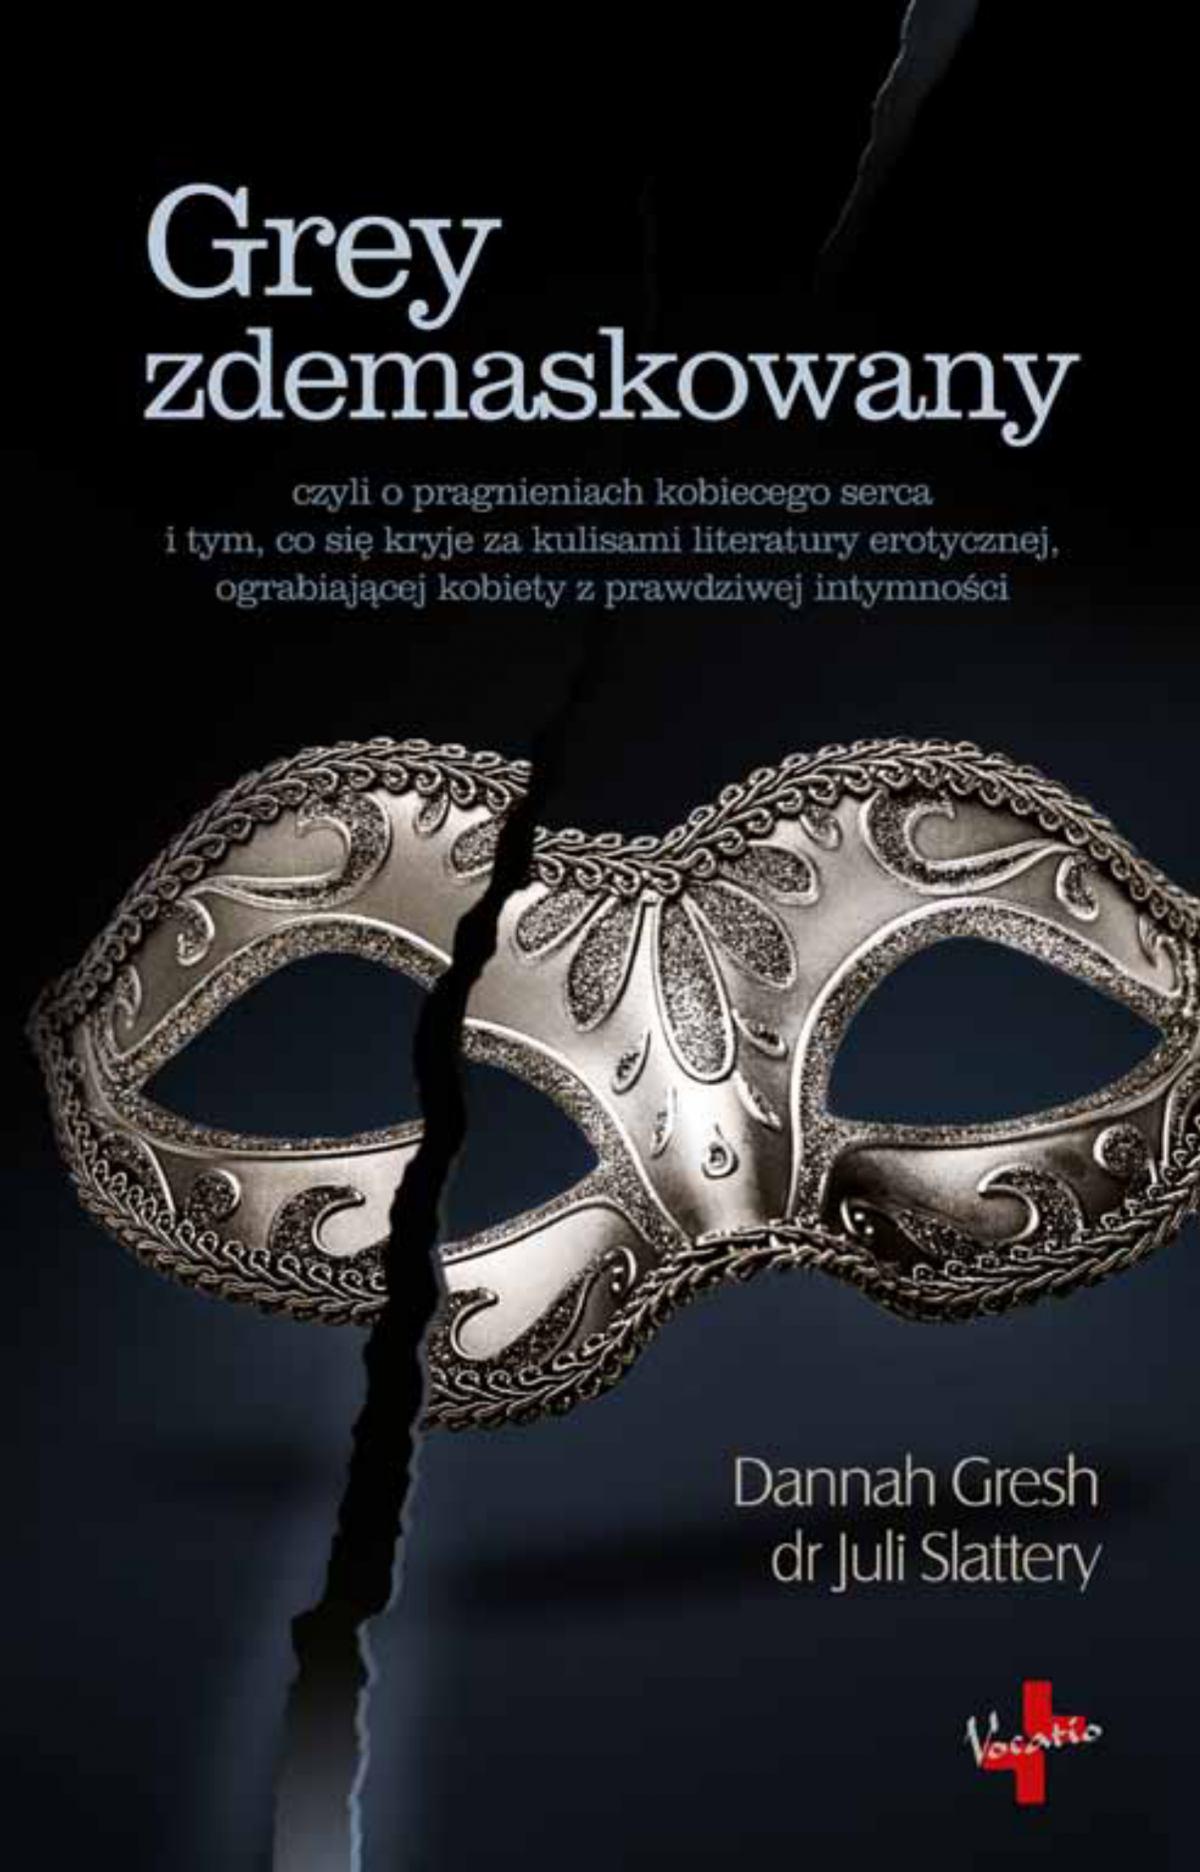 Grey zdemaskowany - Ebook (Książka na Kindle) do pobrania w formacie MOBI